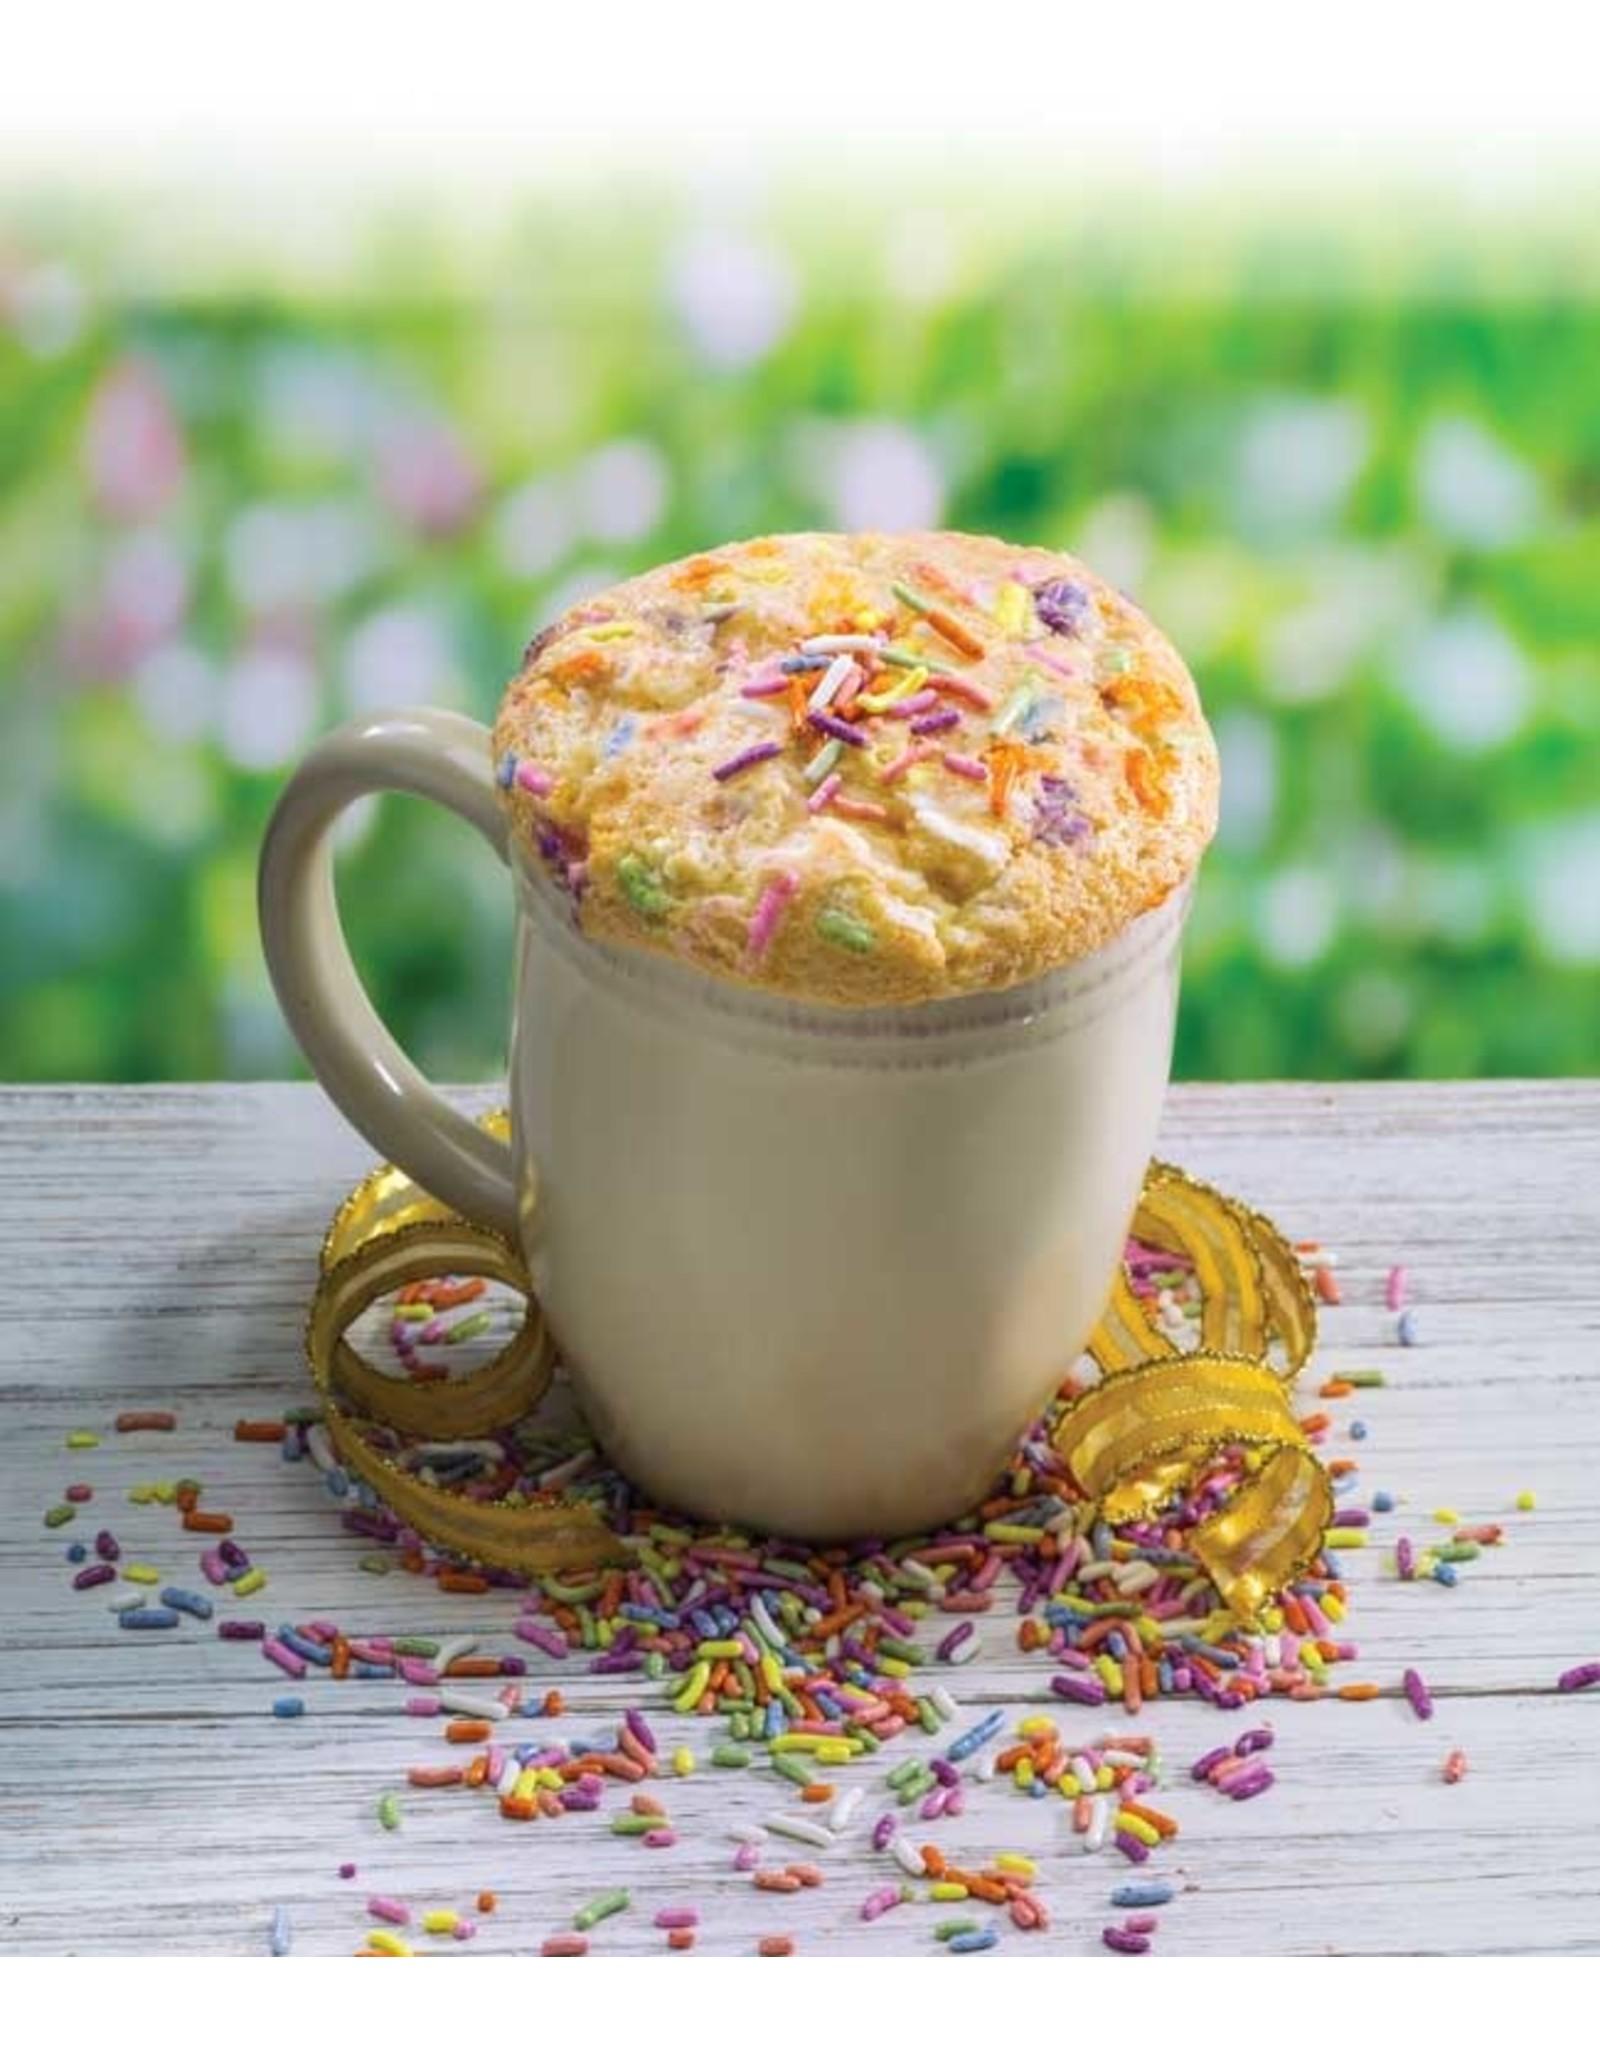 Single Serve Mug Cake, Celebration, 2.75 oz